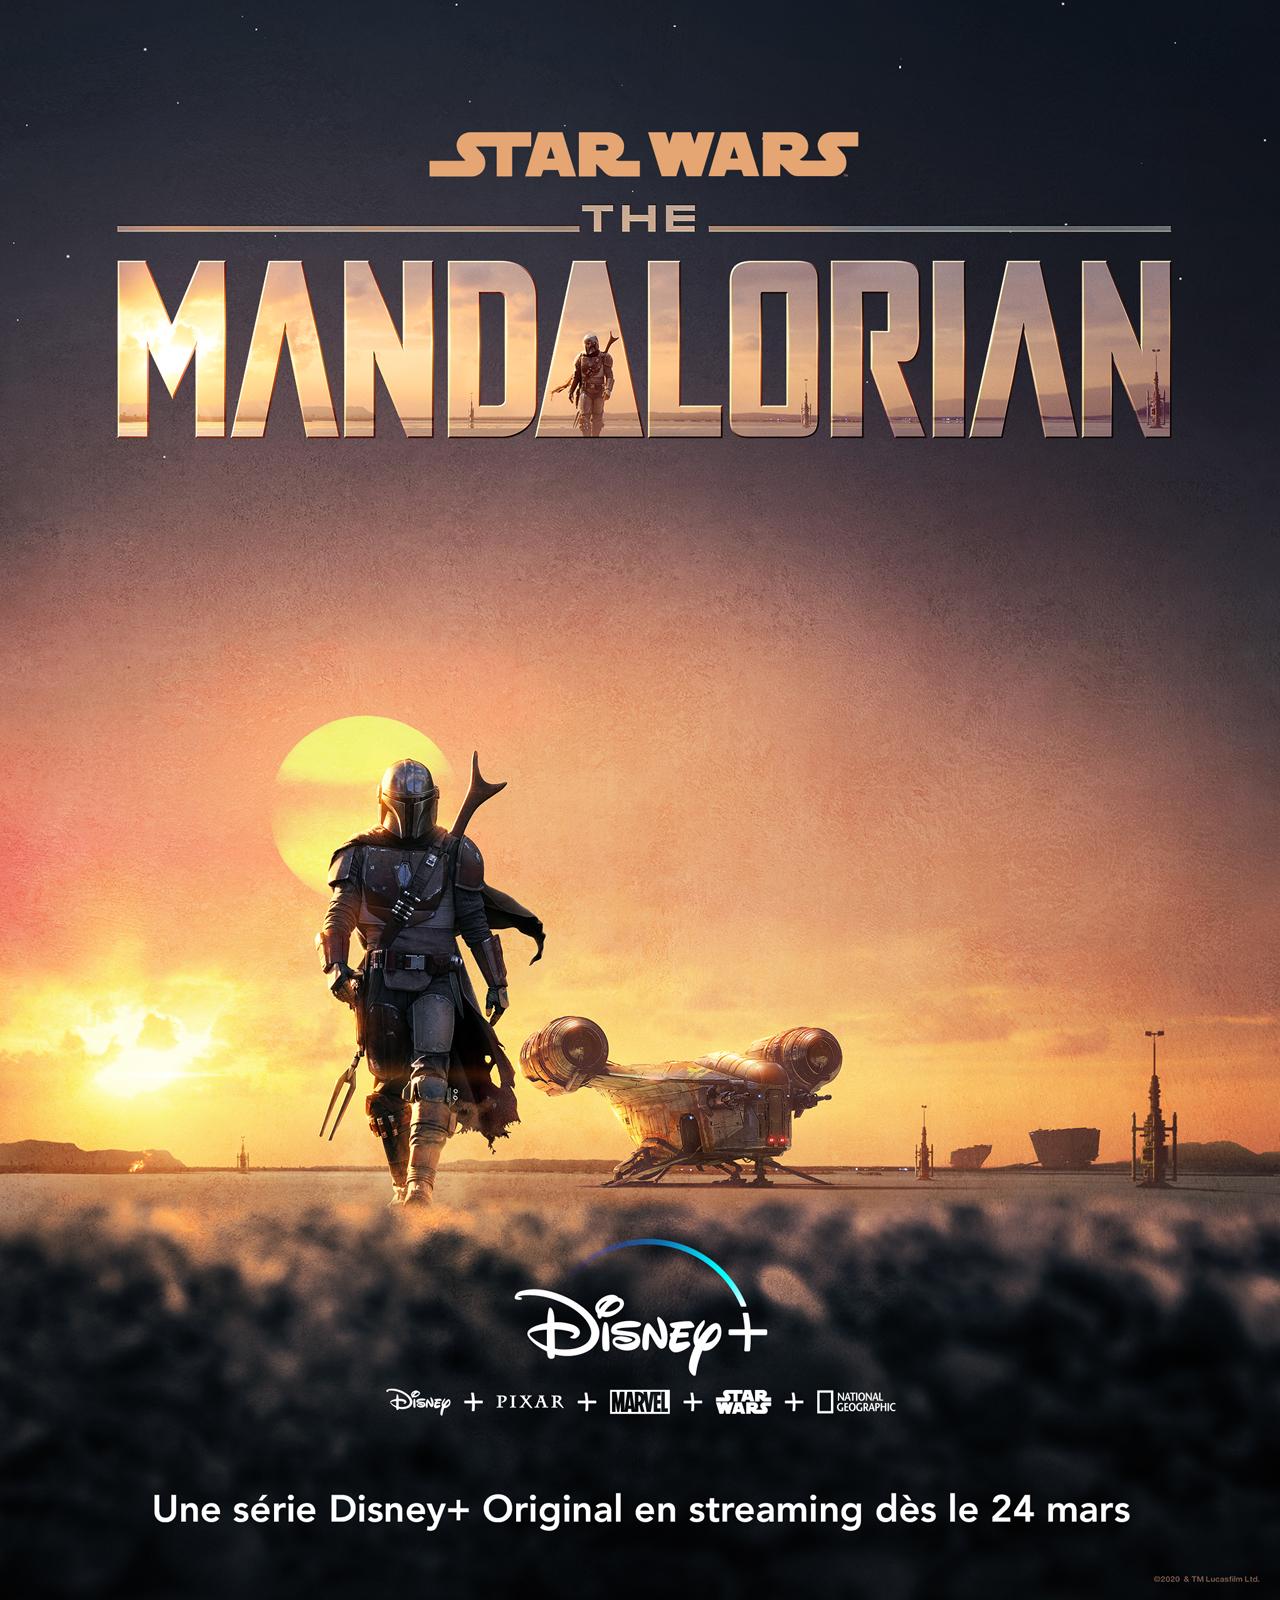 21 - The Mandalorian